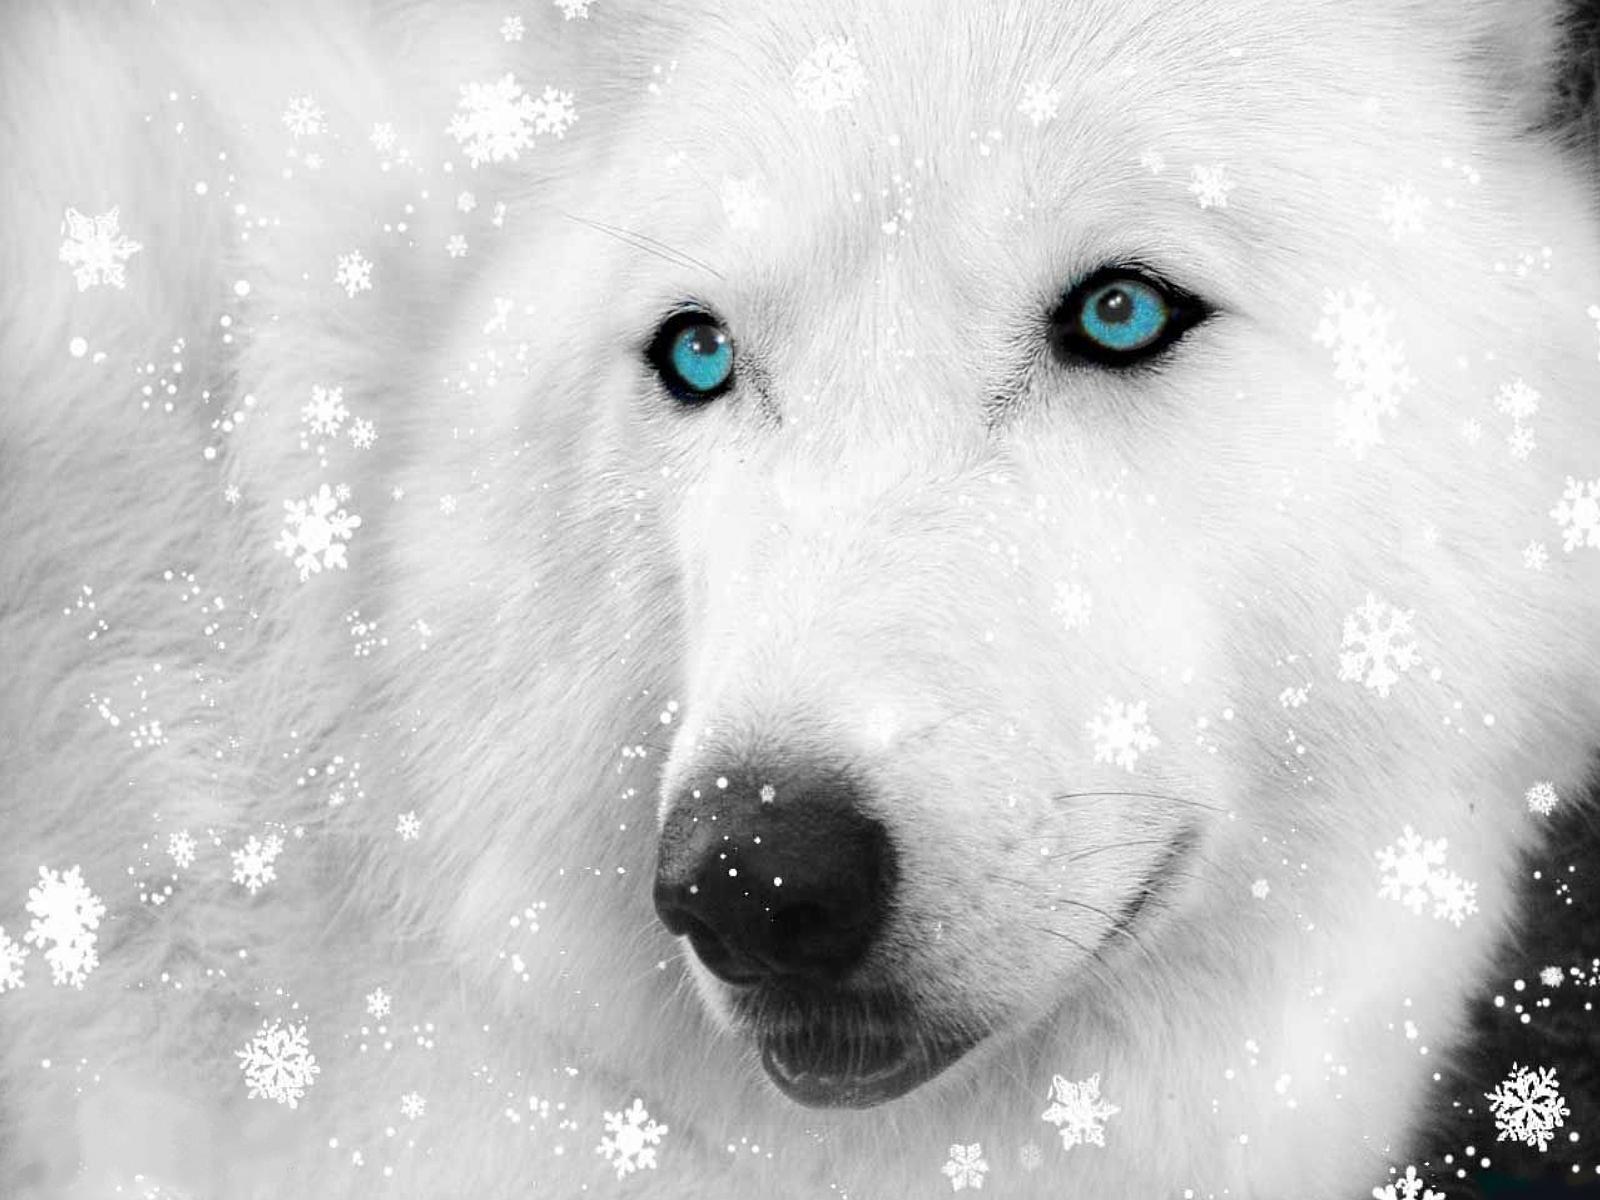 Белый волк и снег, фото, обои для рабочего стола, wolf, white snow